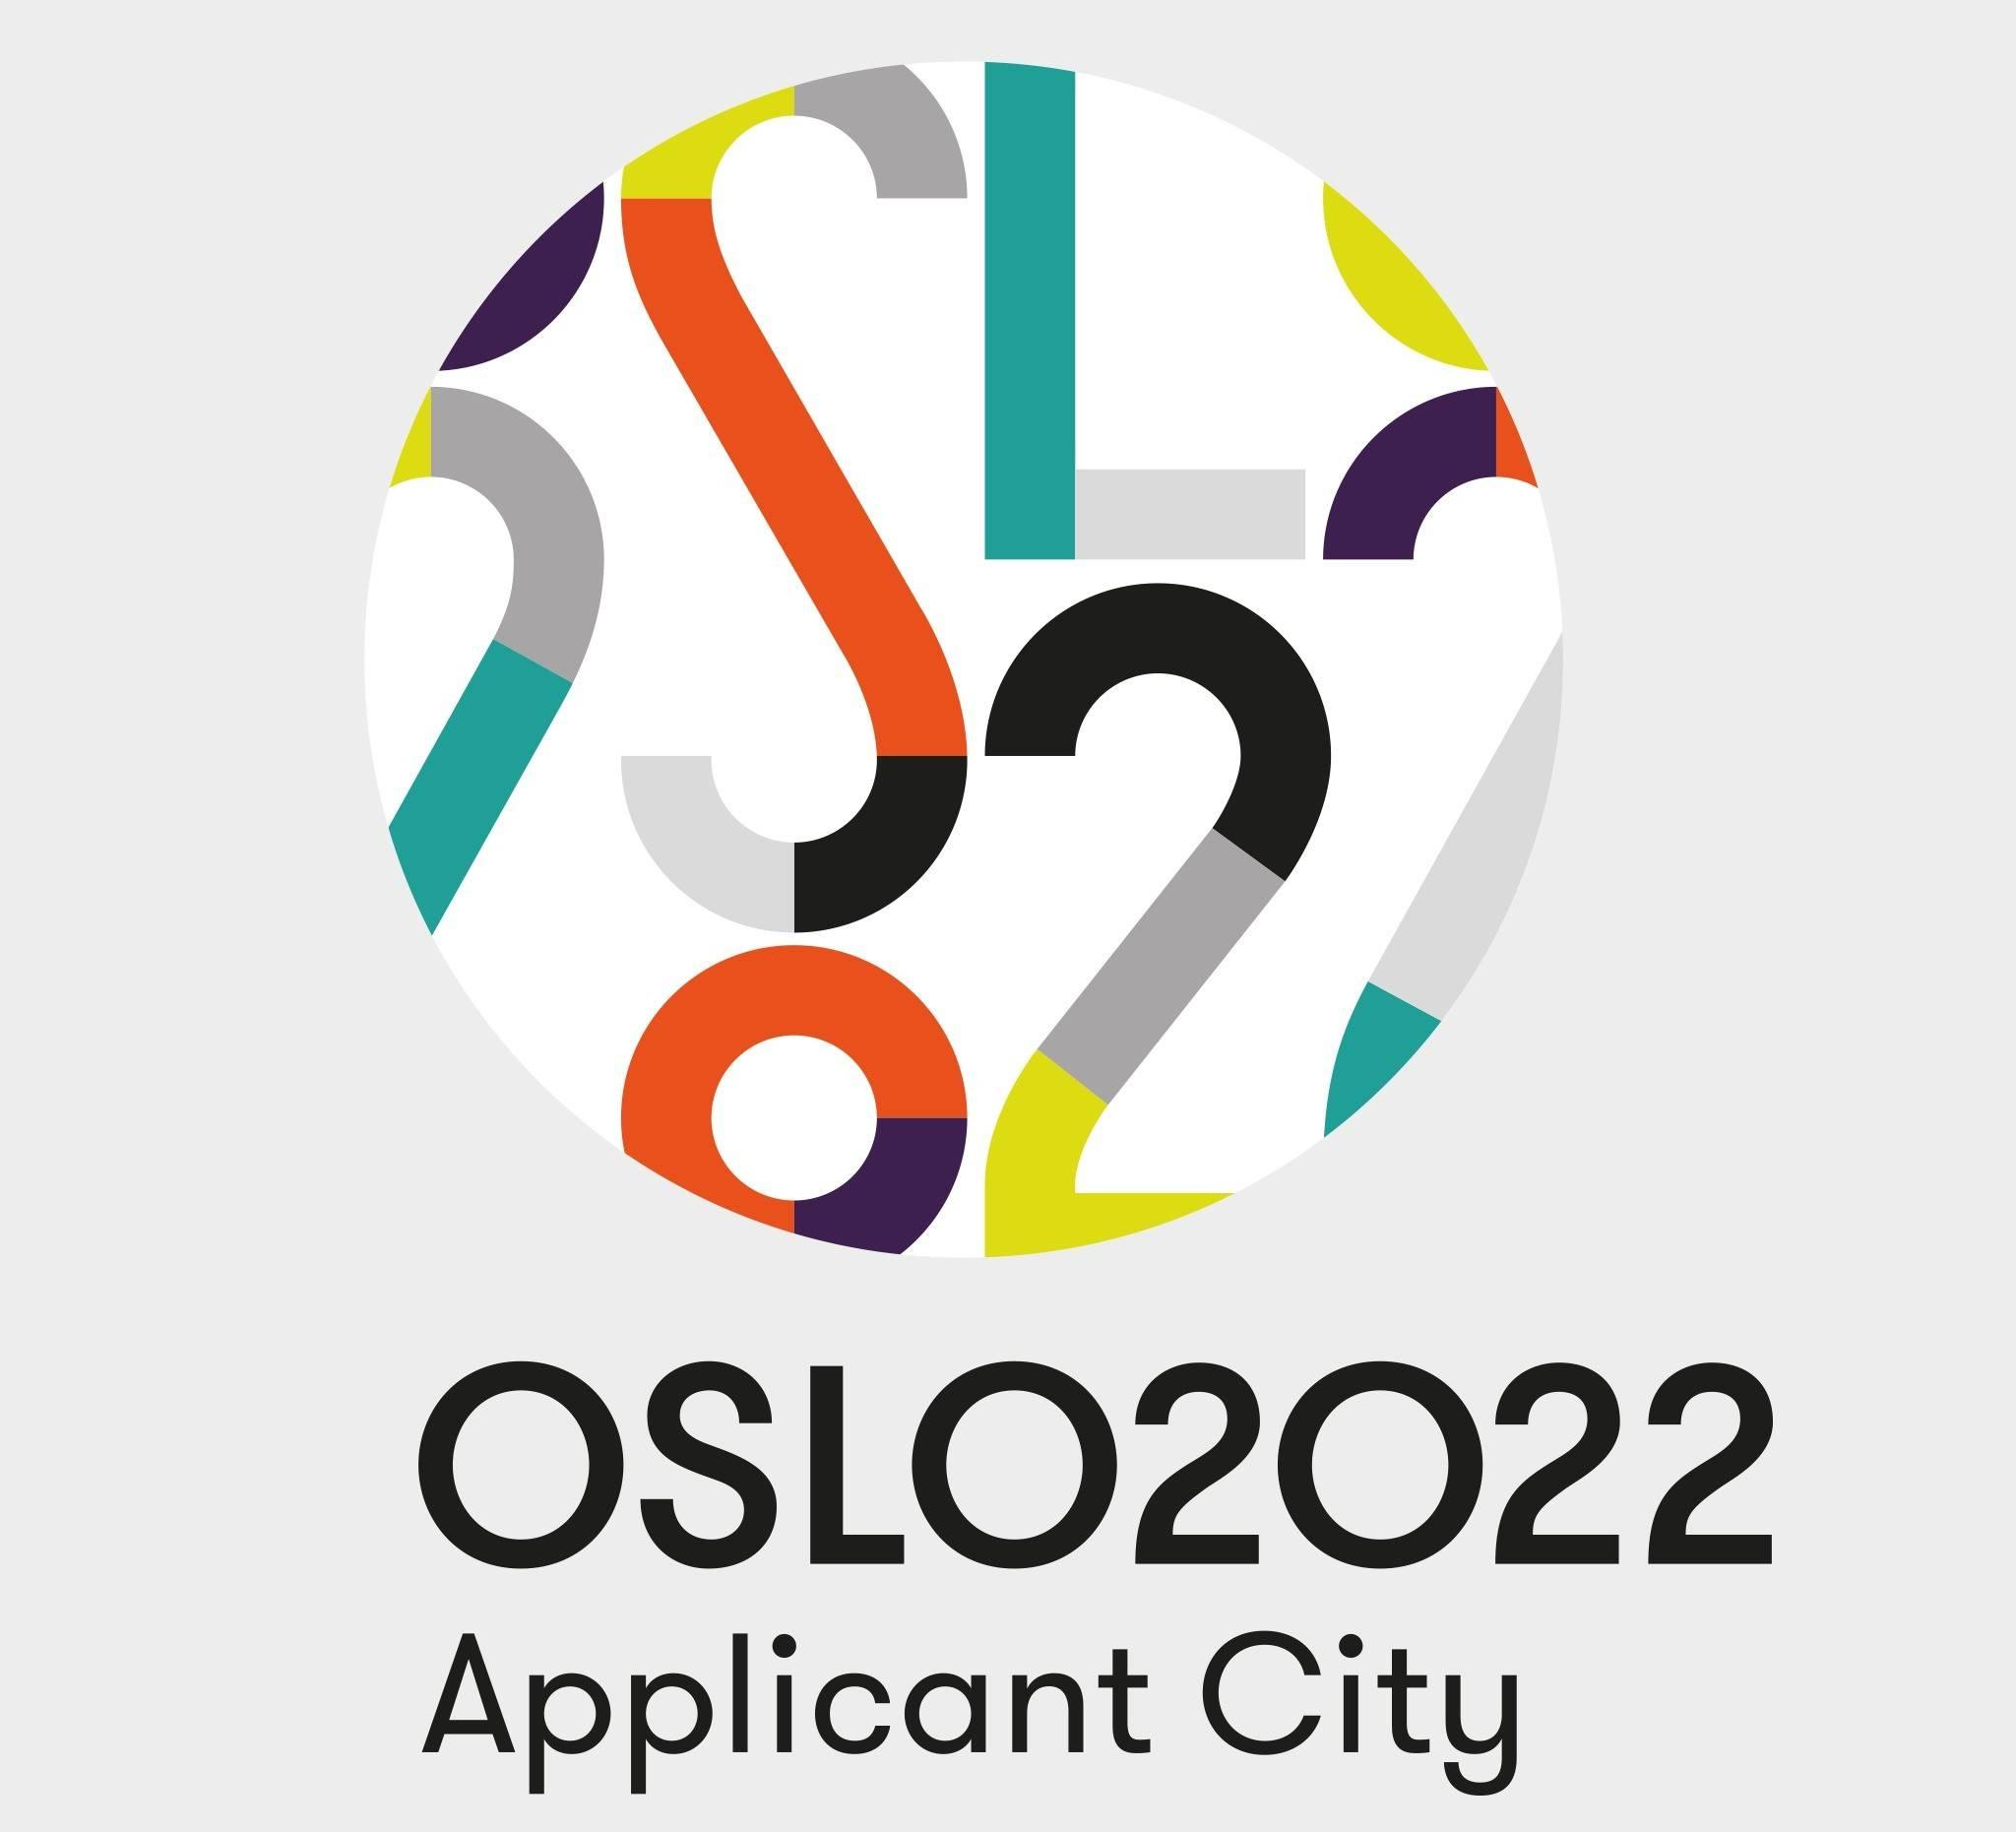 Oslo 2022 visual identity Snohetta  logo